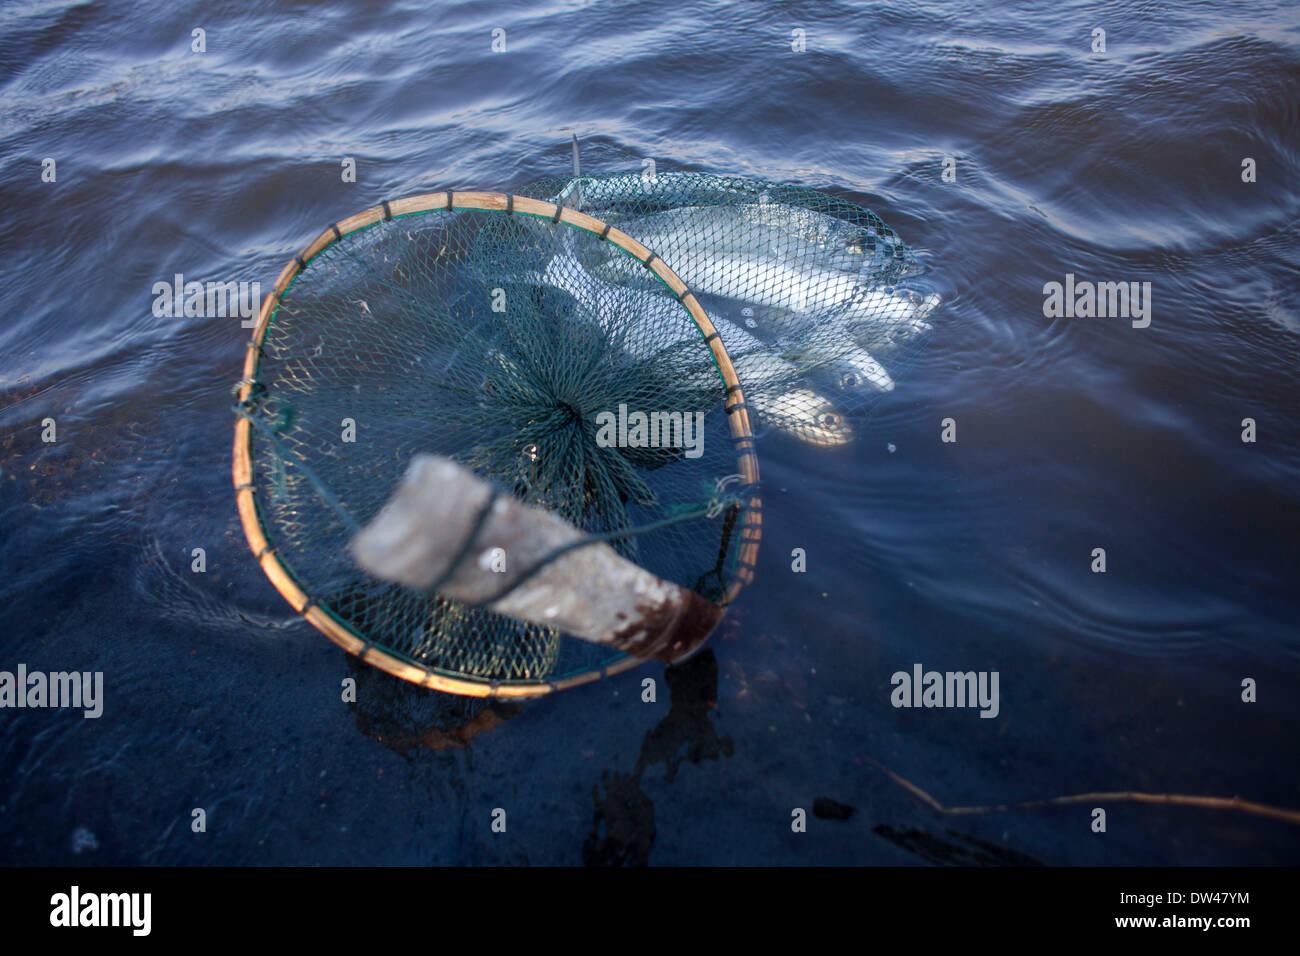 26 févr. 2014 - Banda Aceh, Aceh, Indonésie - les hommes à l'aide de filets de pêche dans un étang à poissons. La production de la pêche de l'Indonésie ont totalisé 15,26 millions de tonnes en 2012, avec la capture sauvage comptant pour 5,81 millions de tonnes et de l'aquaculture pour 9,45 millions de tonnes, selon le Ministère des affaires maritimes et des pêches. L'ORGANISATION DES NATIONS UNIES POUR L'alimentation et l'agriculture (FAO) en 2011 l'Indonésie se classe troisième au monde en termes de prises marines et intérieures ainsi que quatrième dans l'aquaculture de la production. Les exportations de la pêche a fortement augmenté ces dernières années et ont atteint 3,9 milliards USD en 2012, avec la plupart des expéditions aux États-Unis Banque D'Images